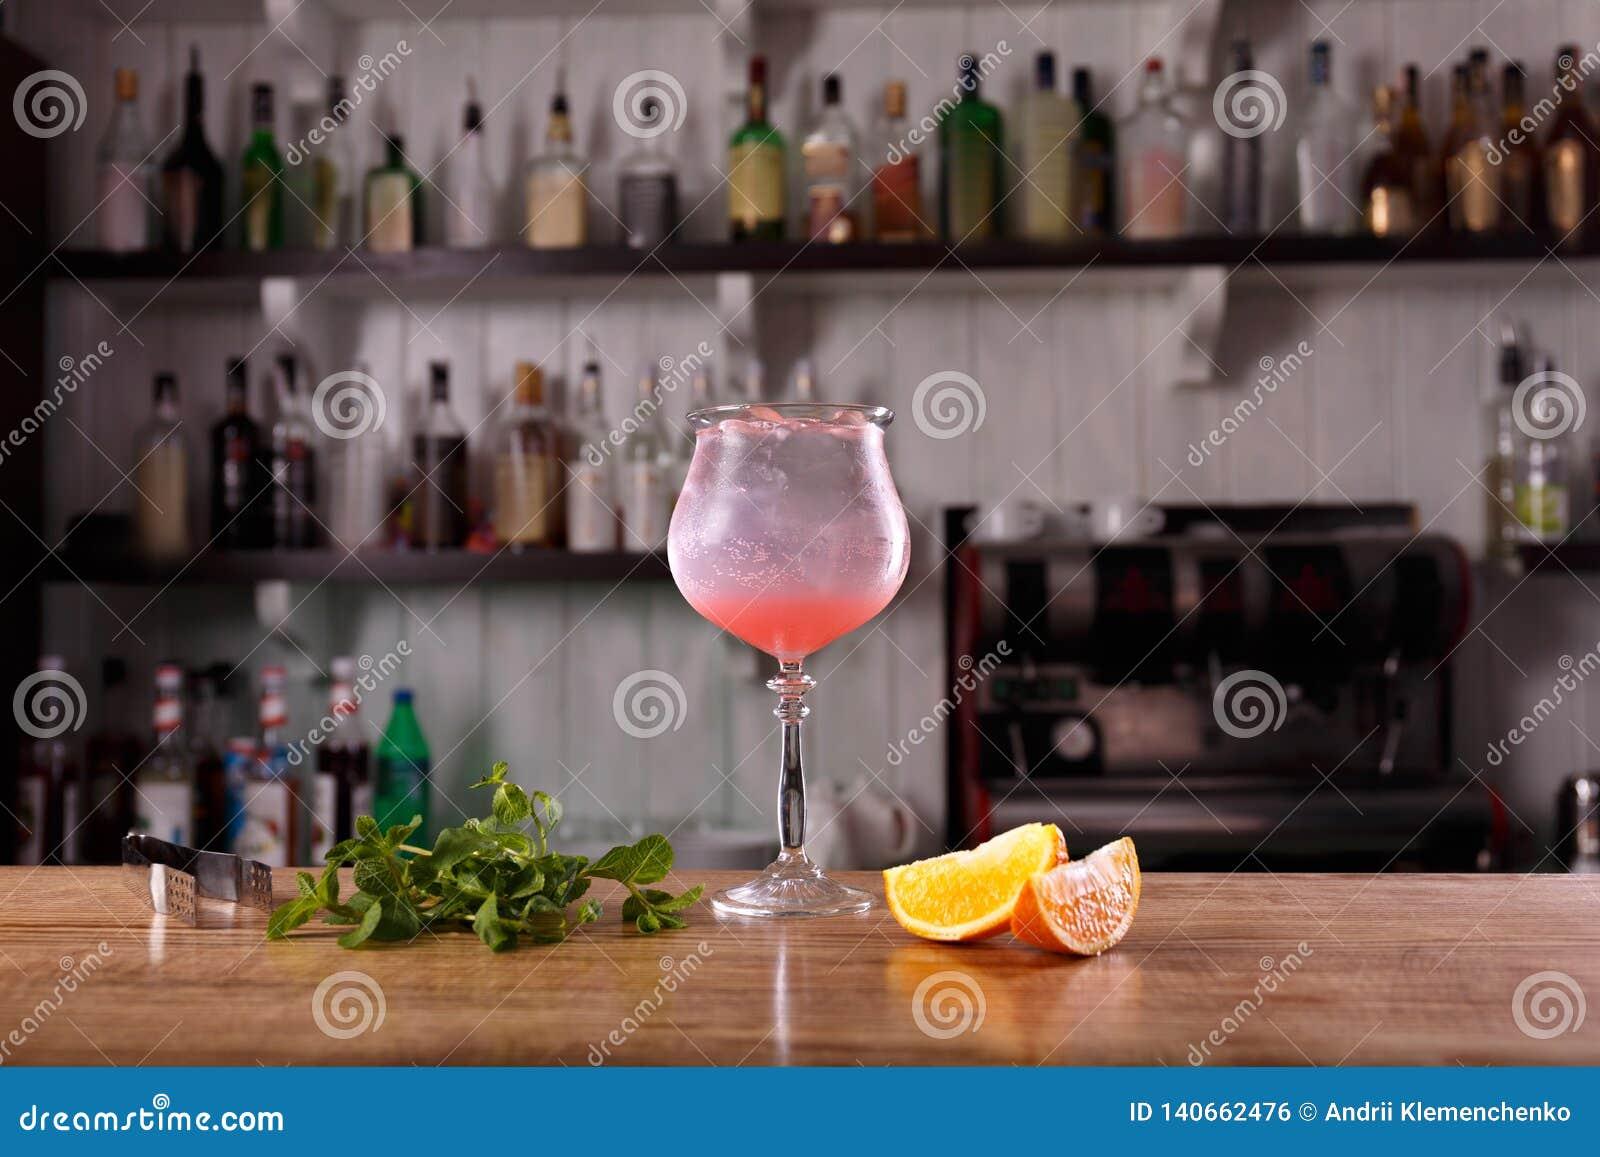 酒精酒吧,在酒吧柜台的鸡尾酒杯,在酒吧的鸡尾酒杯,